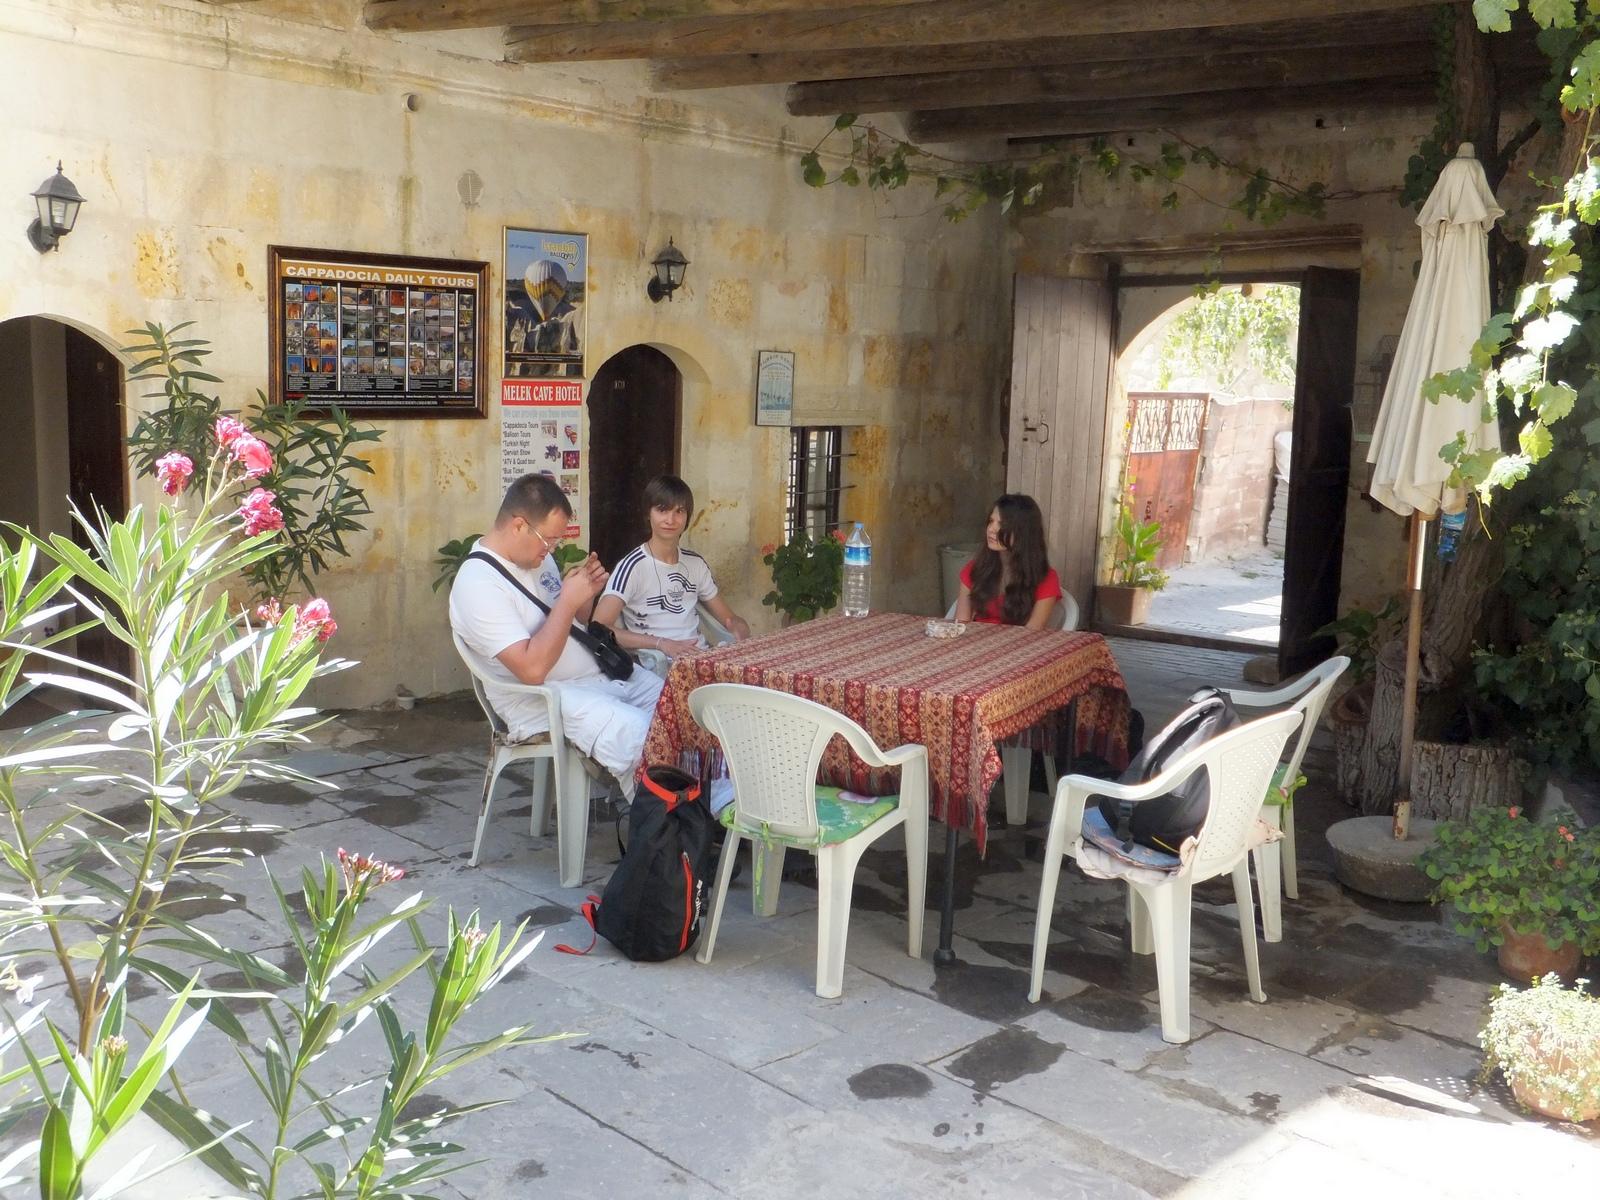 семейный отель в Каппадокии